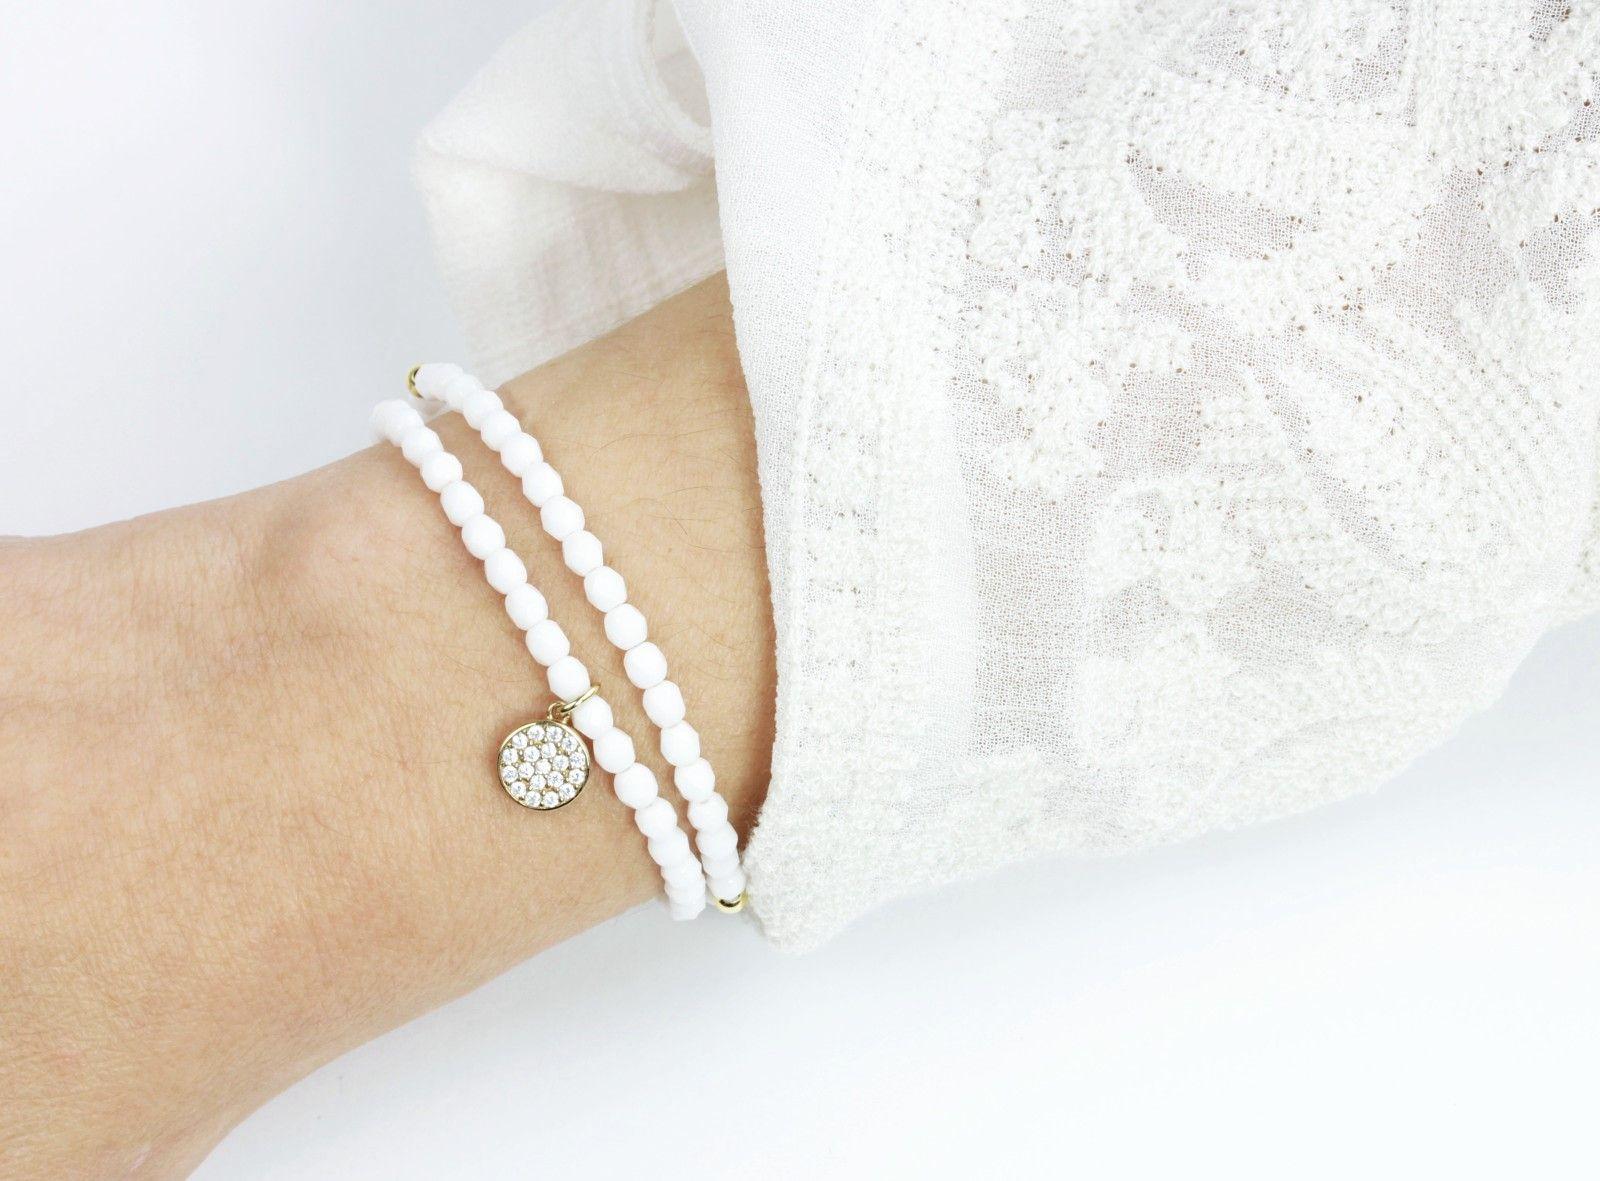 2er Armband Set Weiß Gold, Zirkonia Anhänger 925 Silber